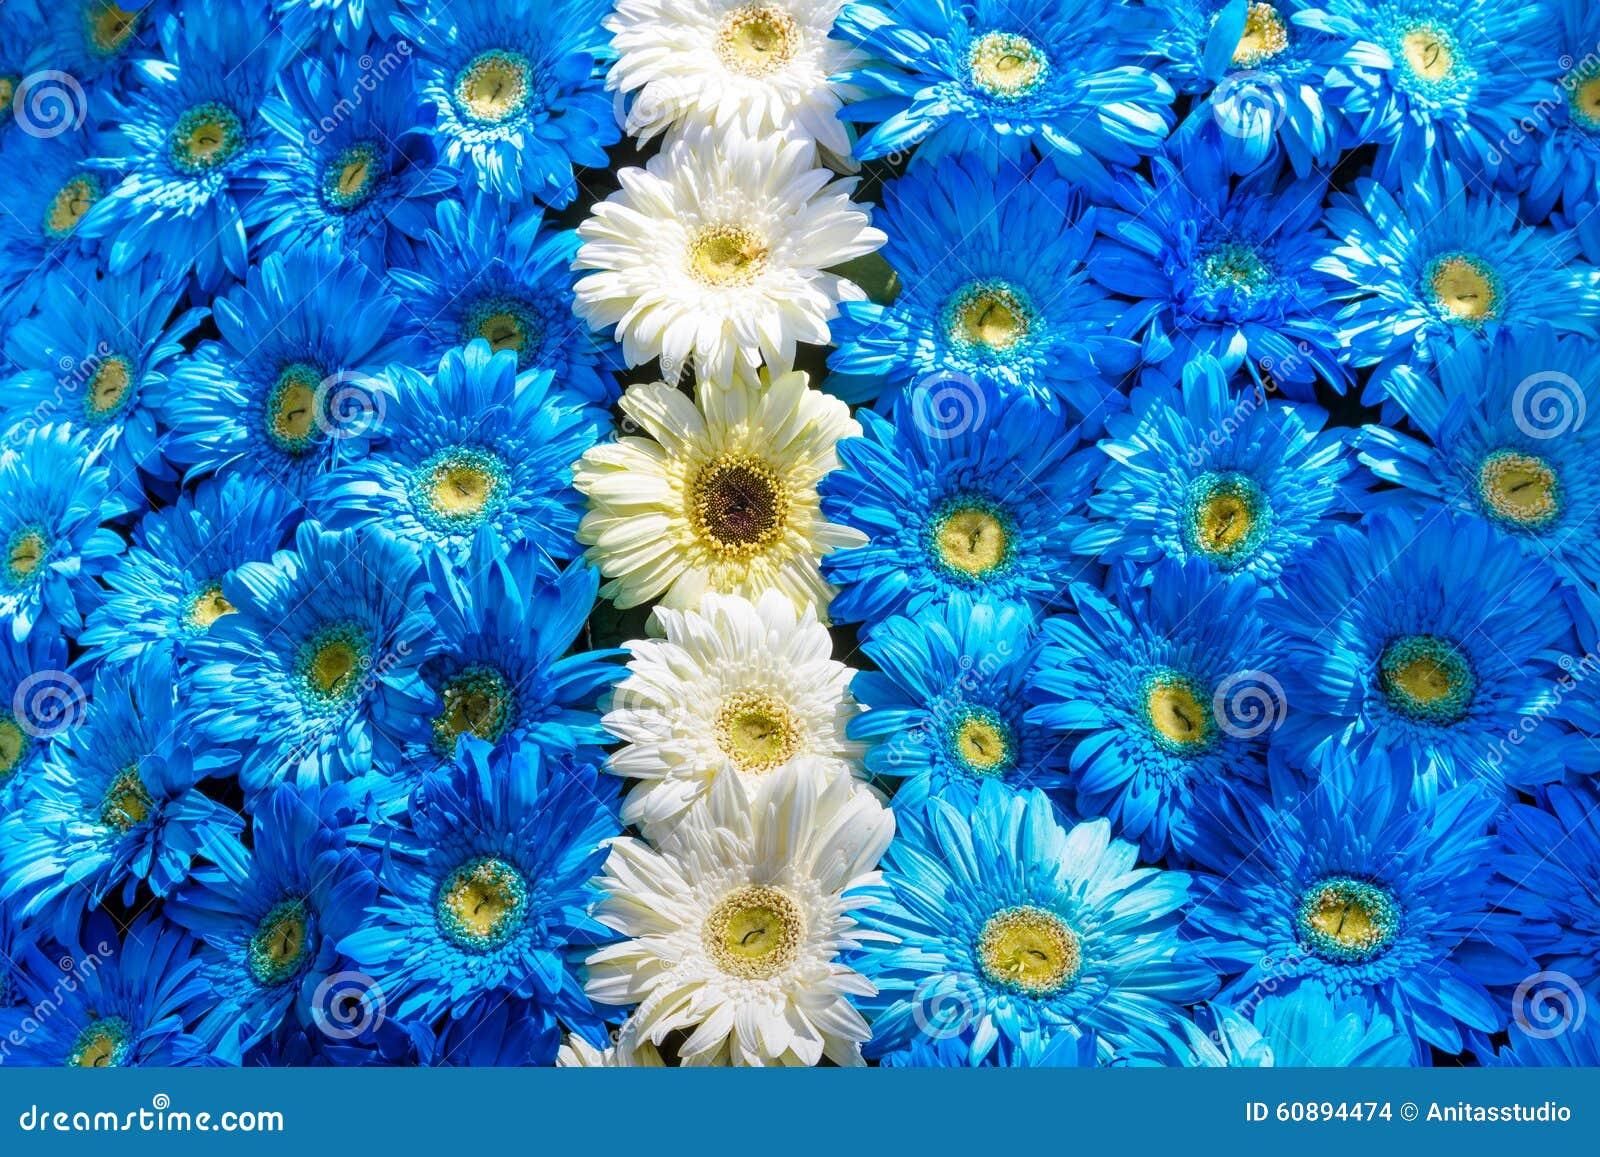 Fiori Blu E Bianchi.Decorazione Dei Fiori Blu E Bianchi Fotografia Stock Immagine Di